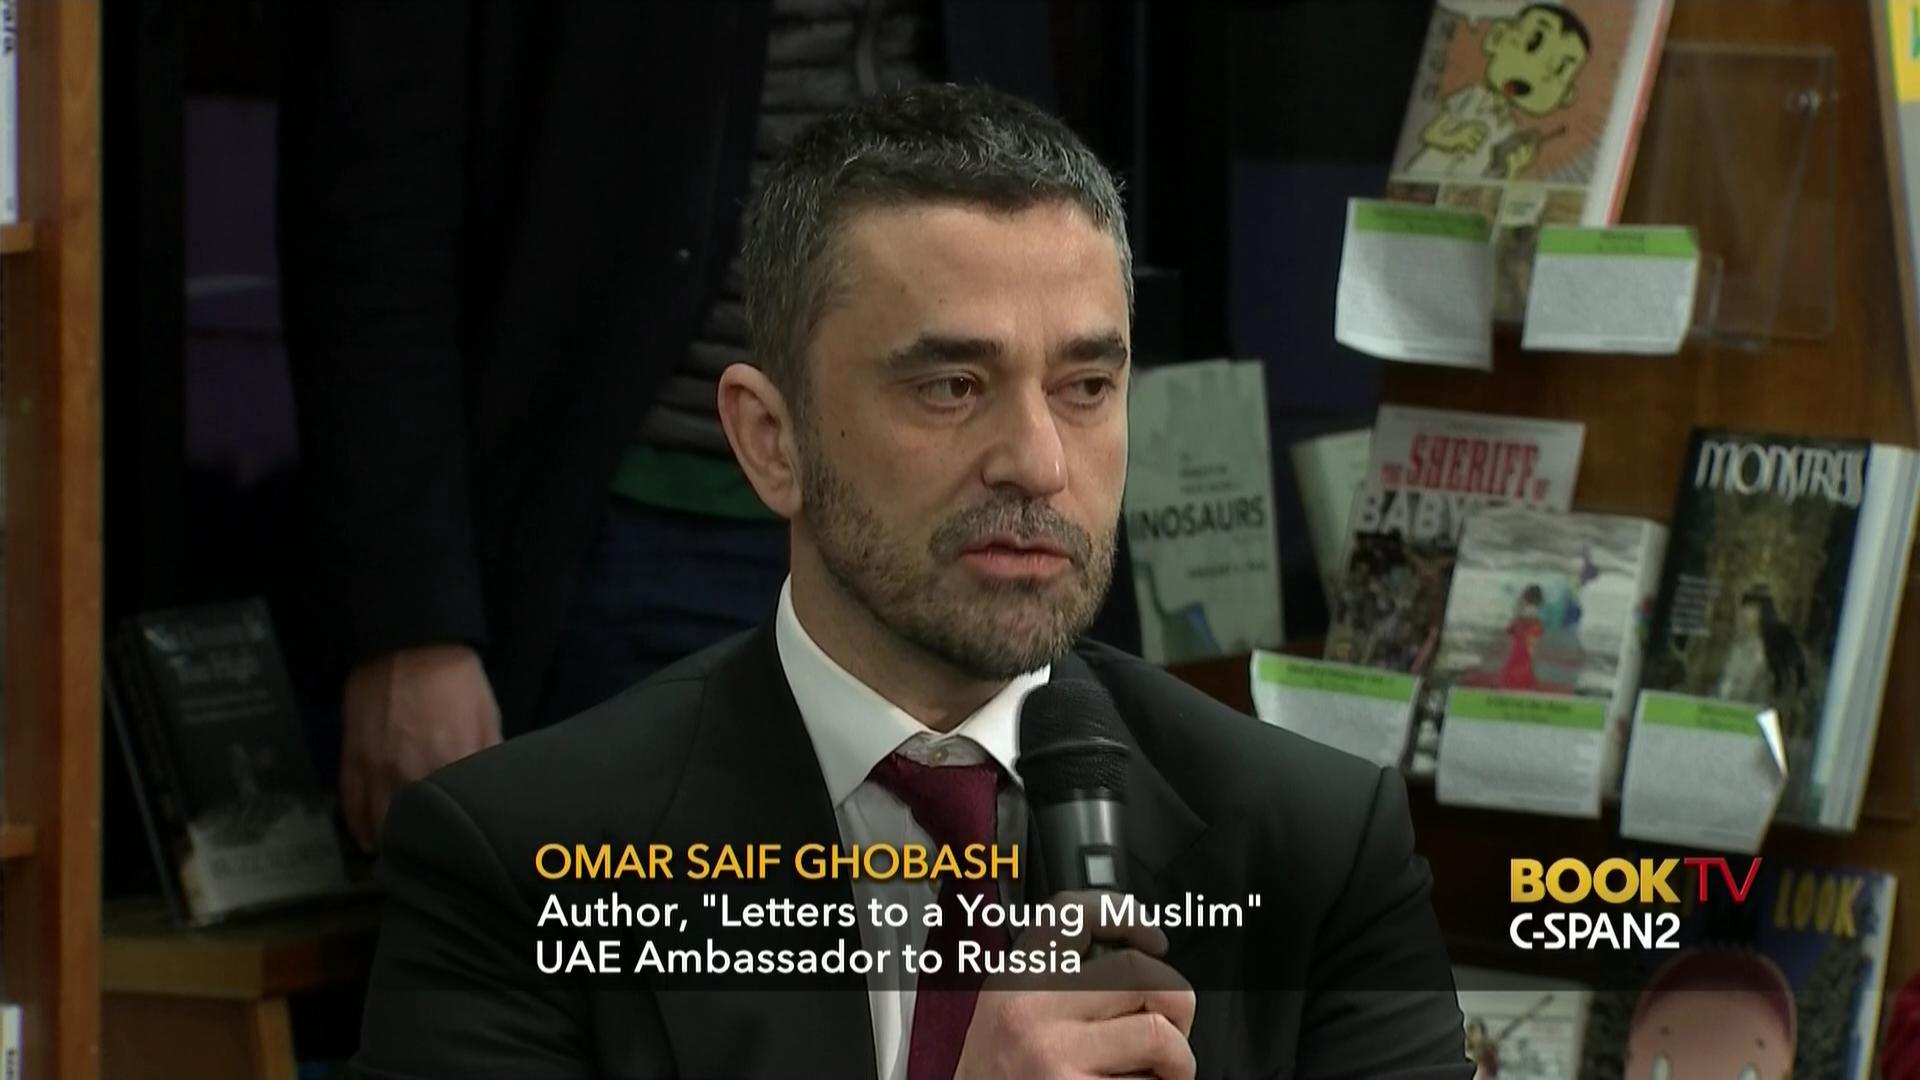 Omar Saif Ghobash Discusses Letters Young Muslim, Jan 6 2017  Cspan